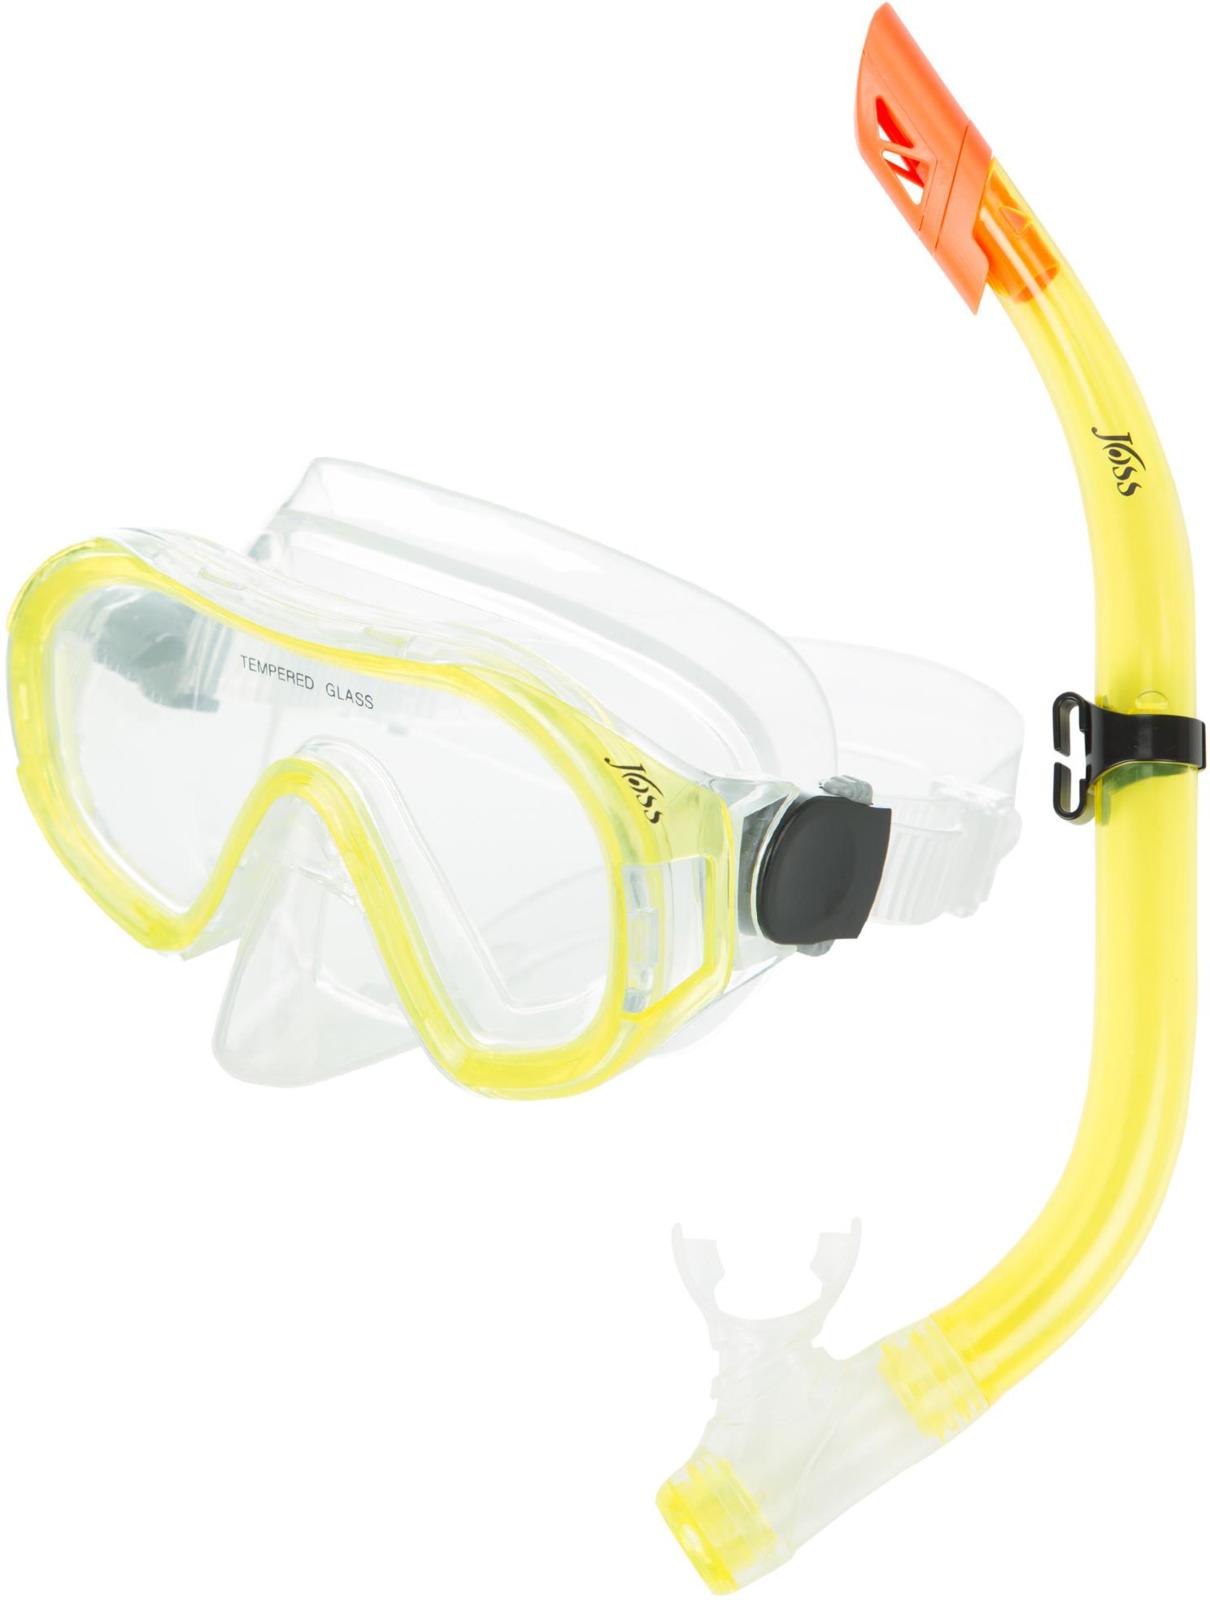 Набор для подводного плавания Joss, детский, цвет: прозрачный, желтый, оранжевый, 2 предмета